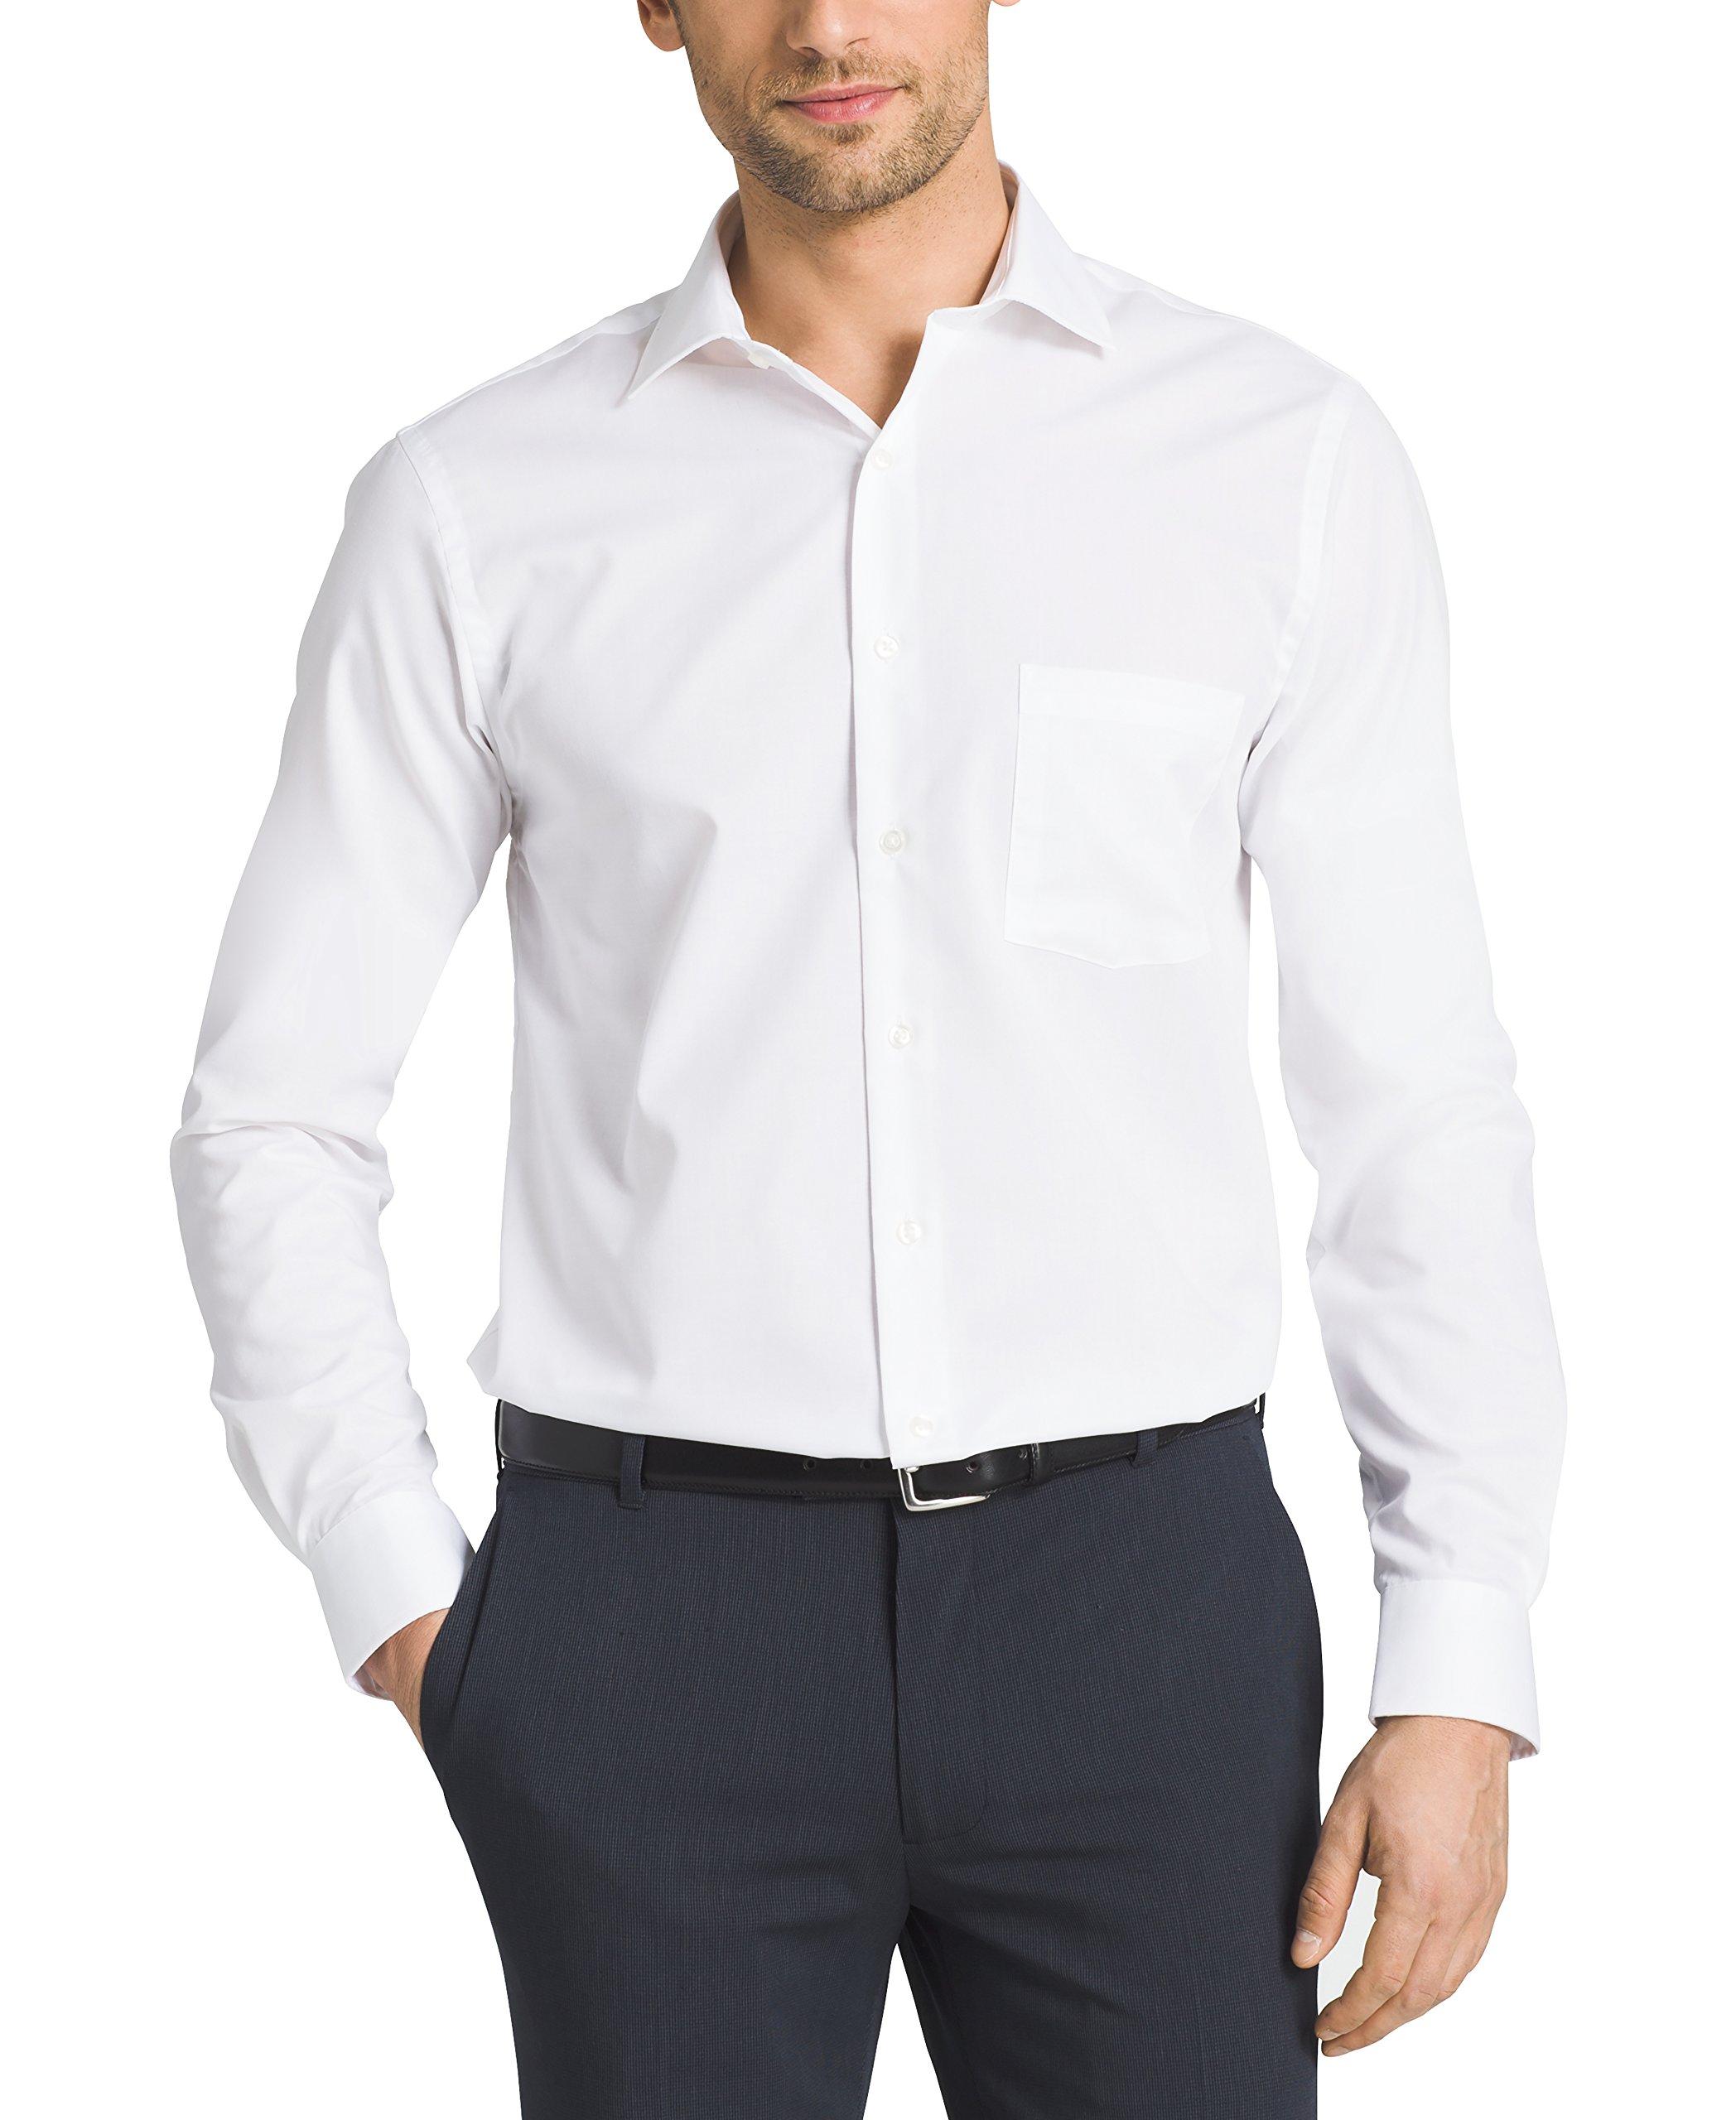 Van Heusen Men's Flex Collar Regular Fit Solid Spread Collar Dress Shirt, White, 16.5'' Neck 32''-33'' Sleeve by Van Heusen (Image #2)